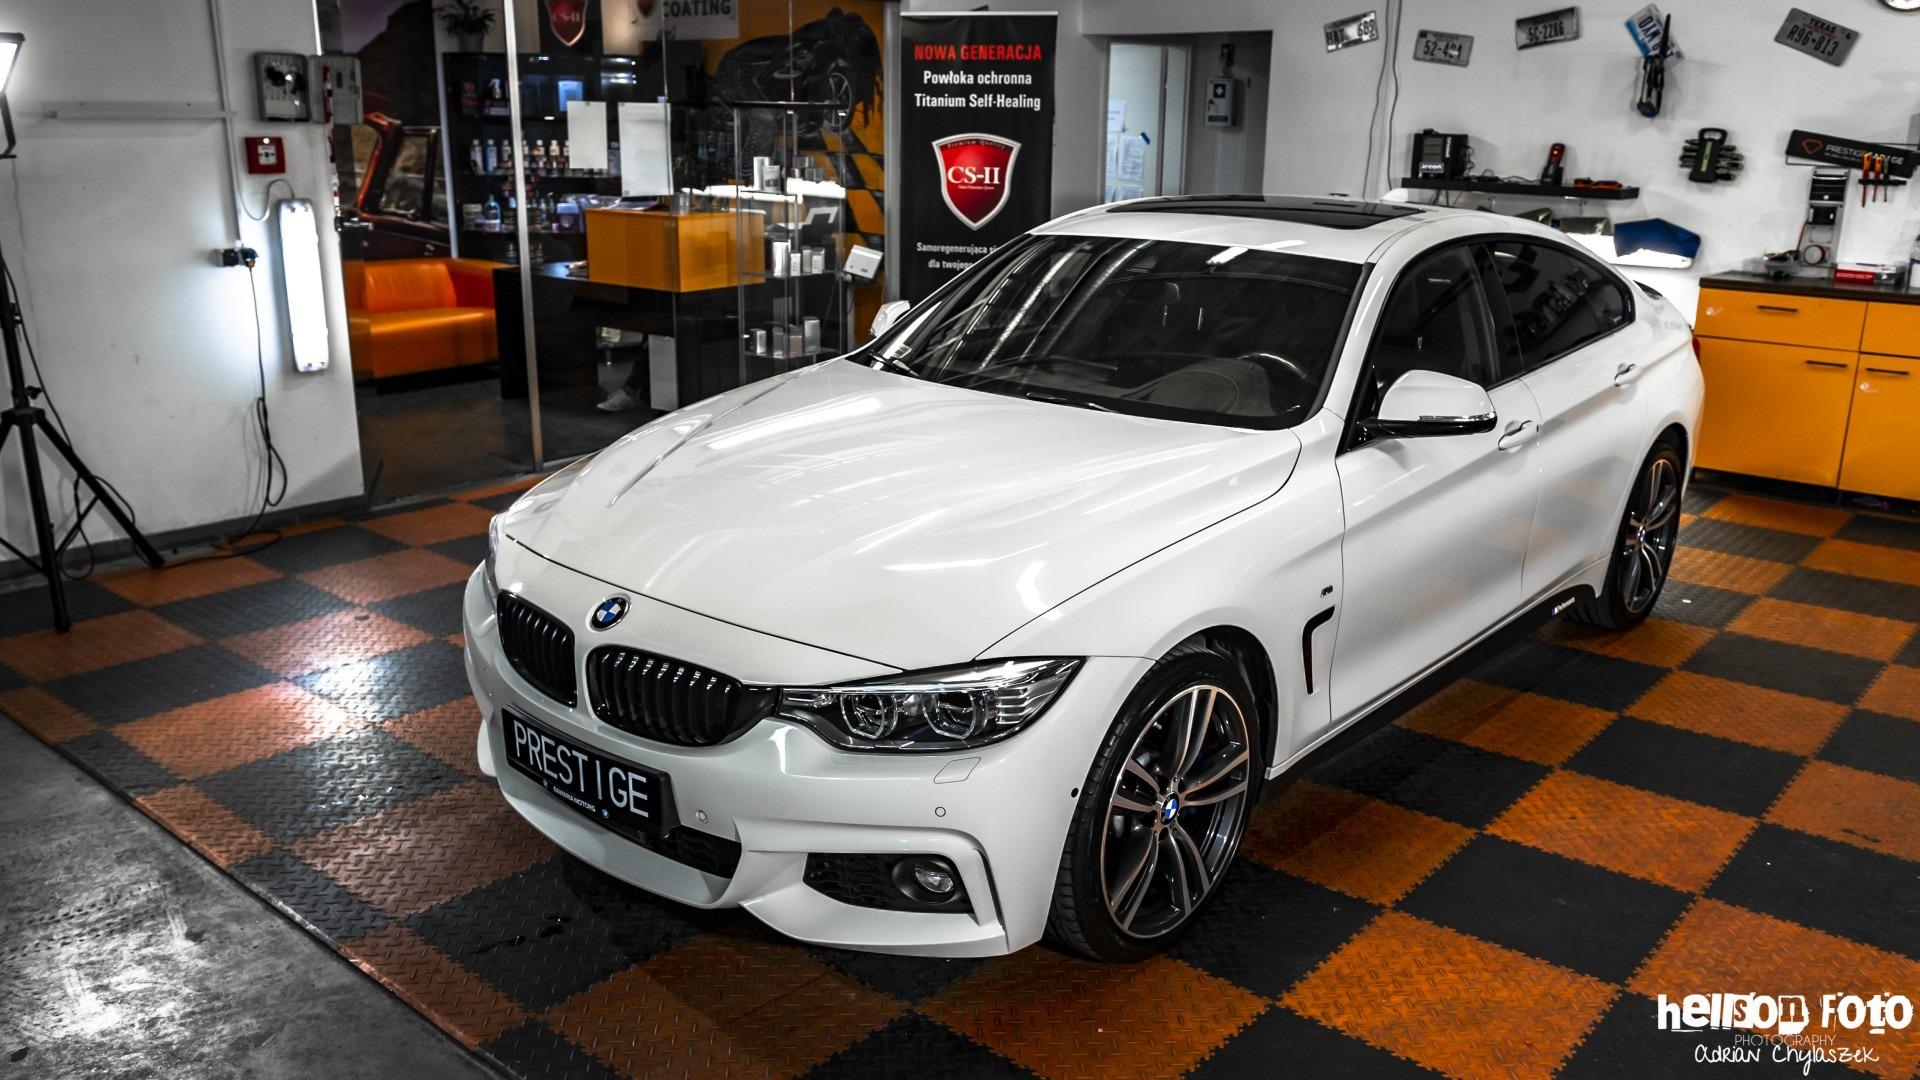 Białe BMW serii 4 lewy bok